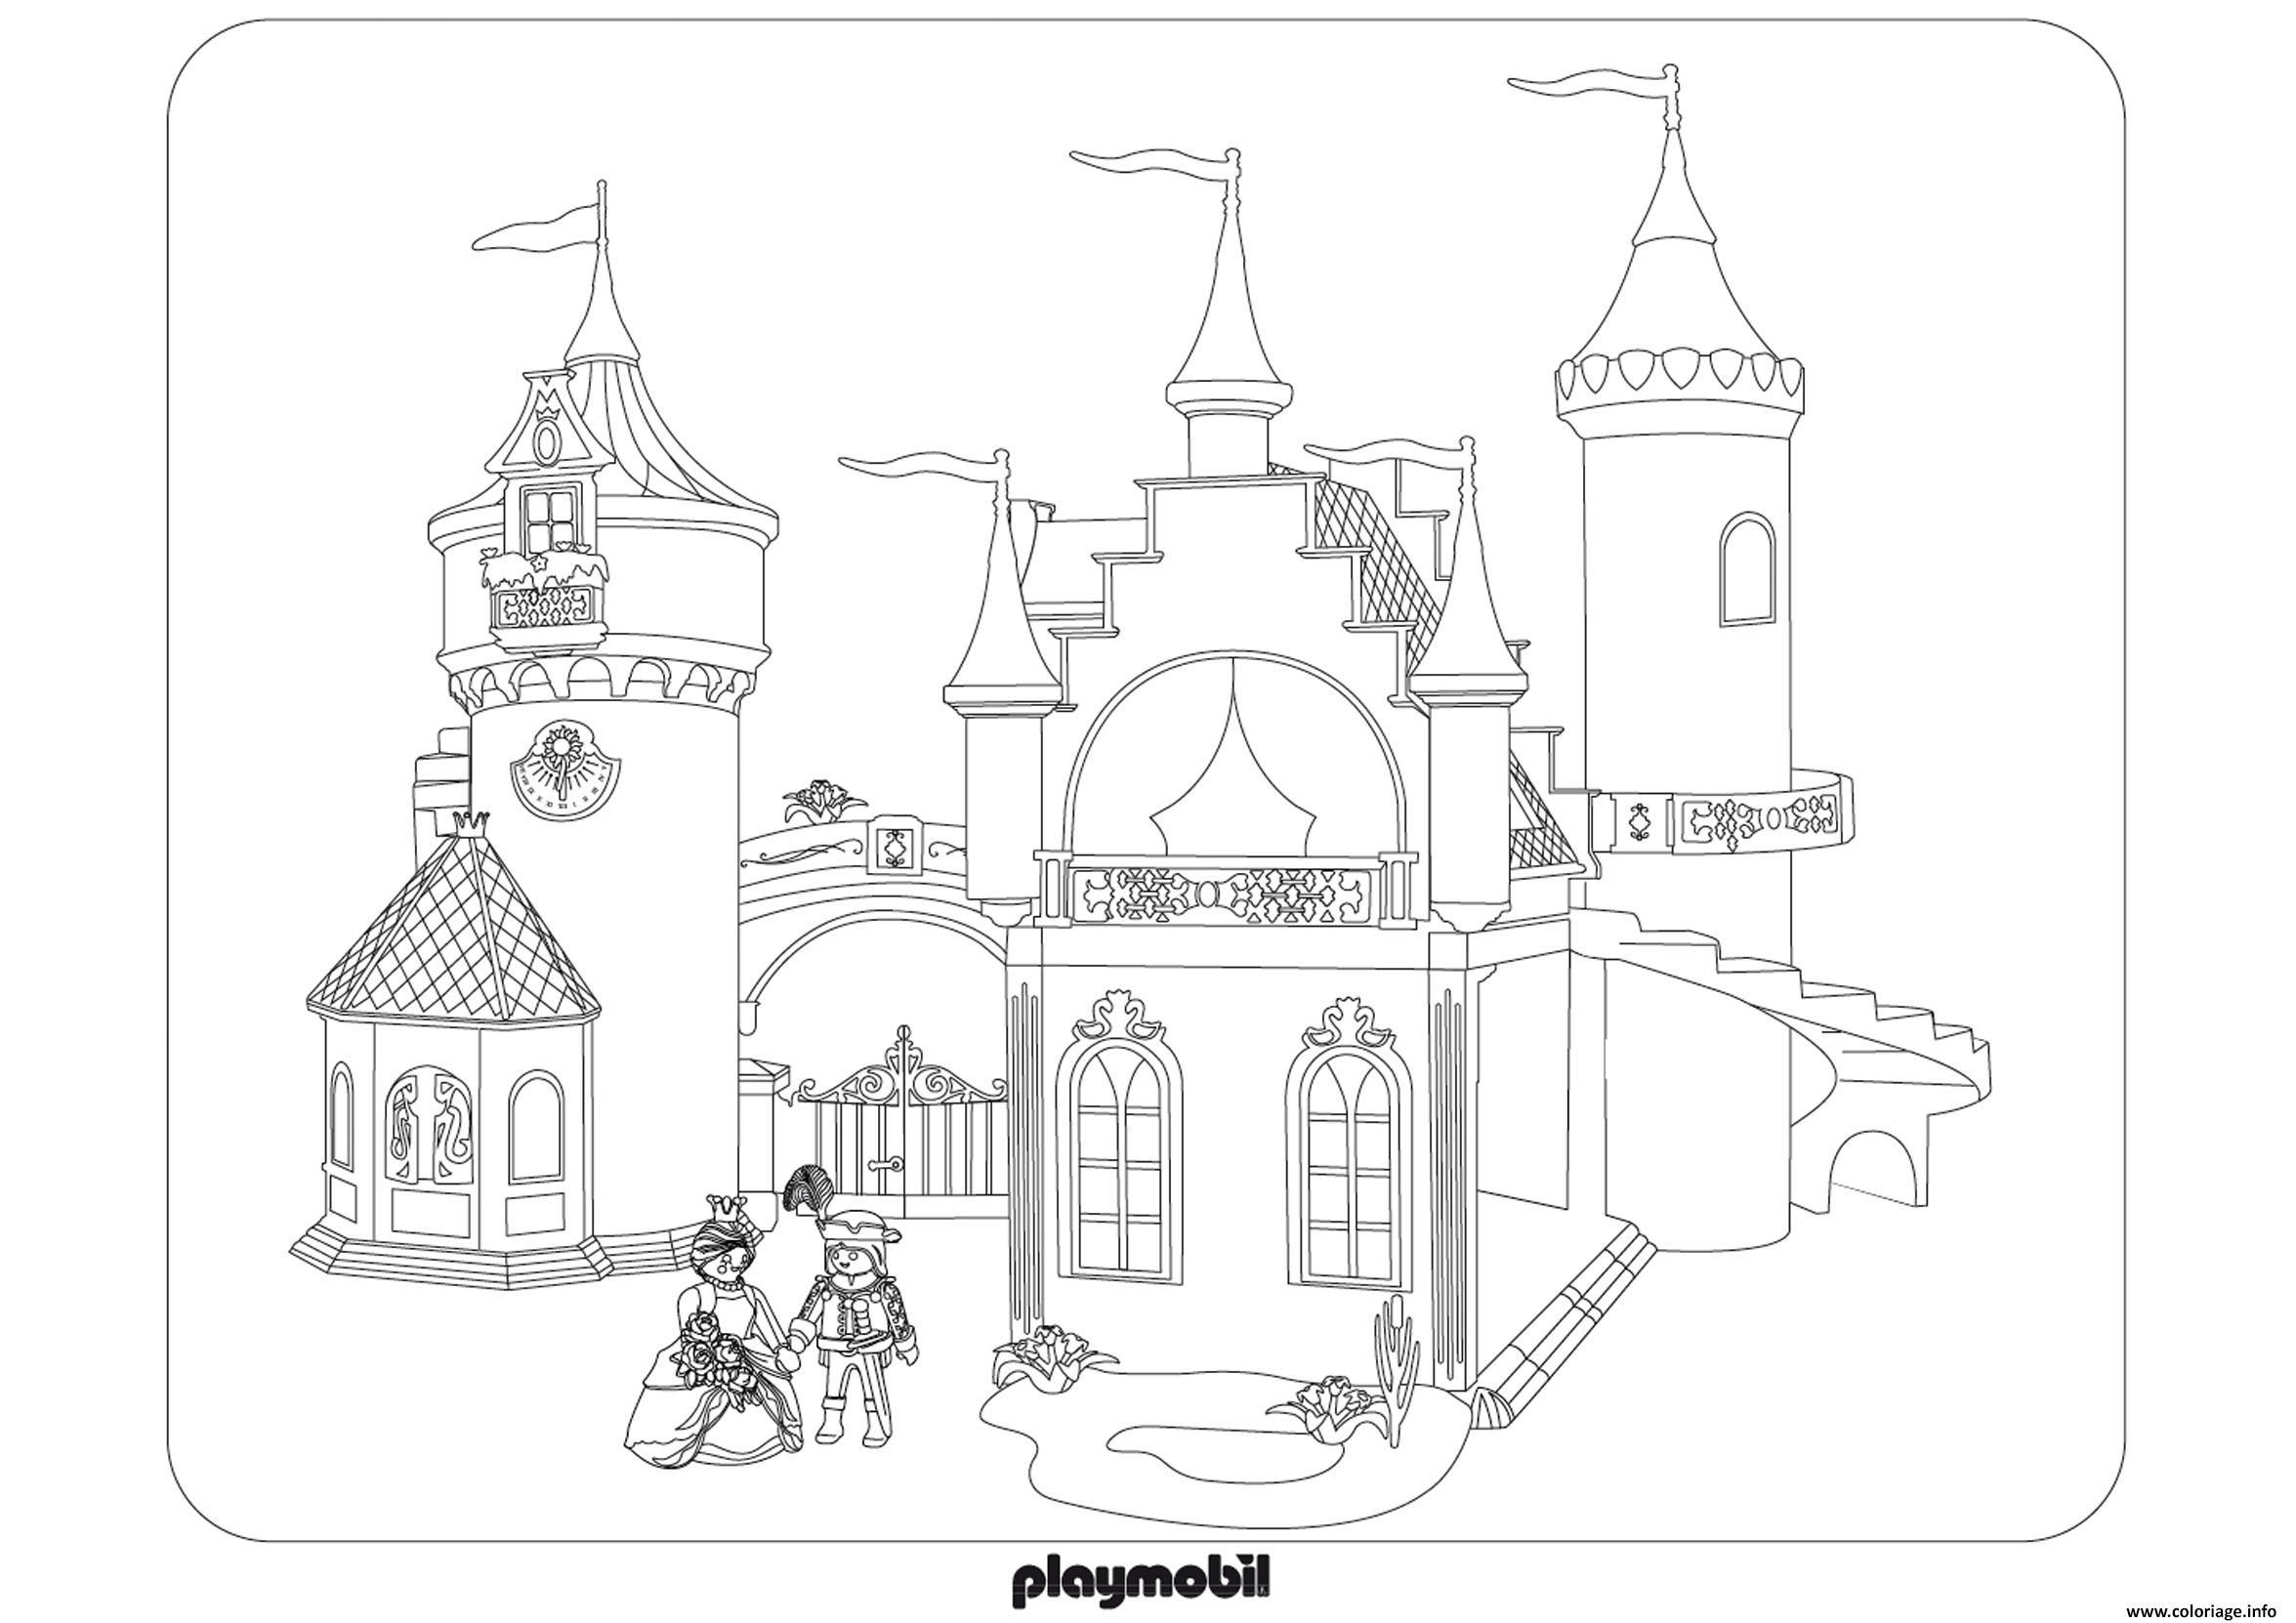 Coloriage Chateau Roi Reine Princesse Playmobil Dessin intérieur Image De Chateau Fort A Imprimer